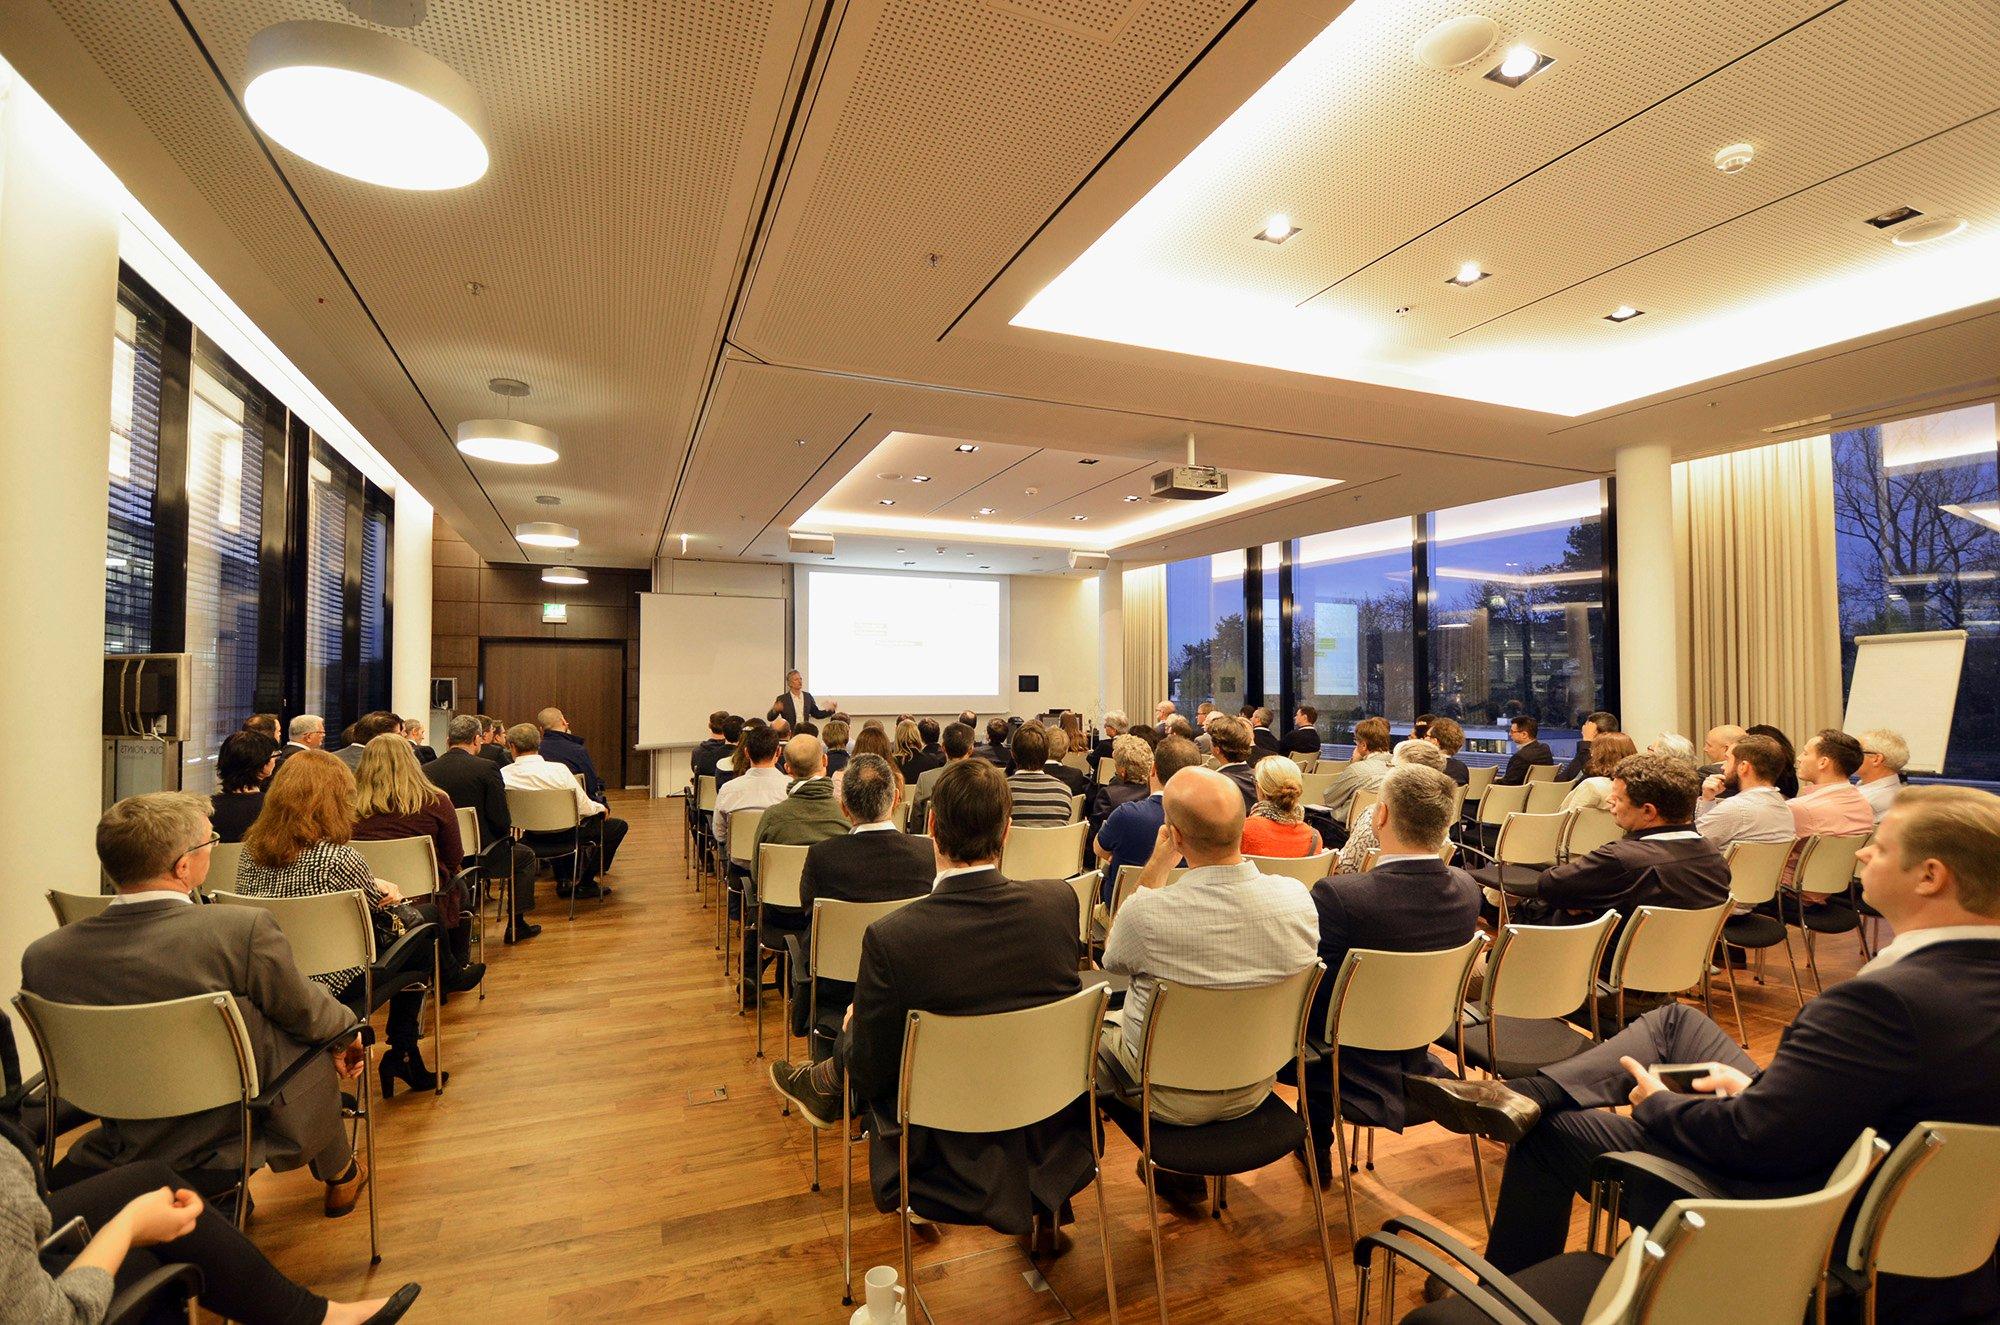 Vortrag im Seminarraum der Anwendertagung